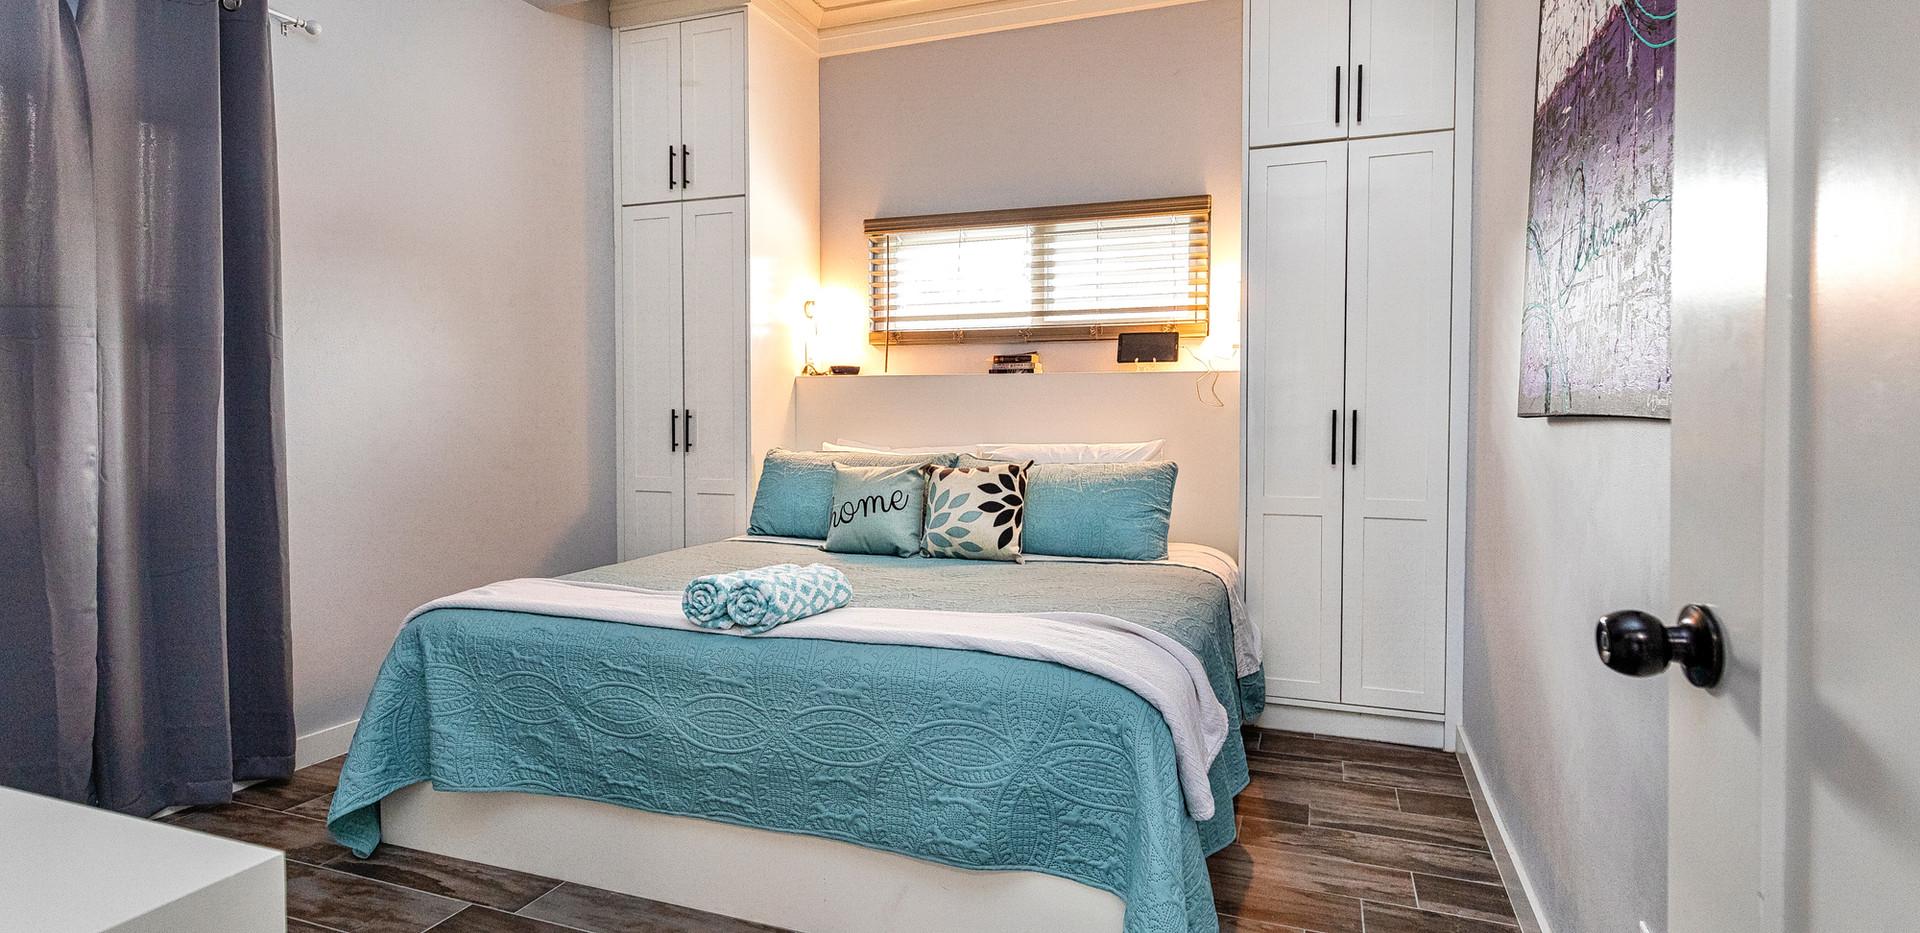 Villa Bedroom, comfy king bed